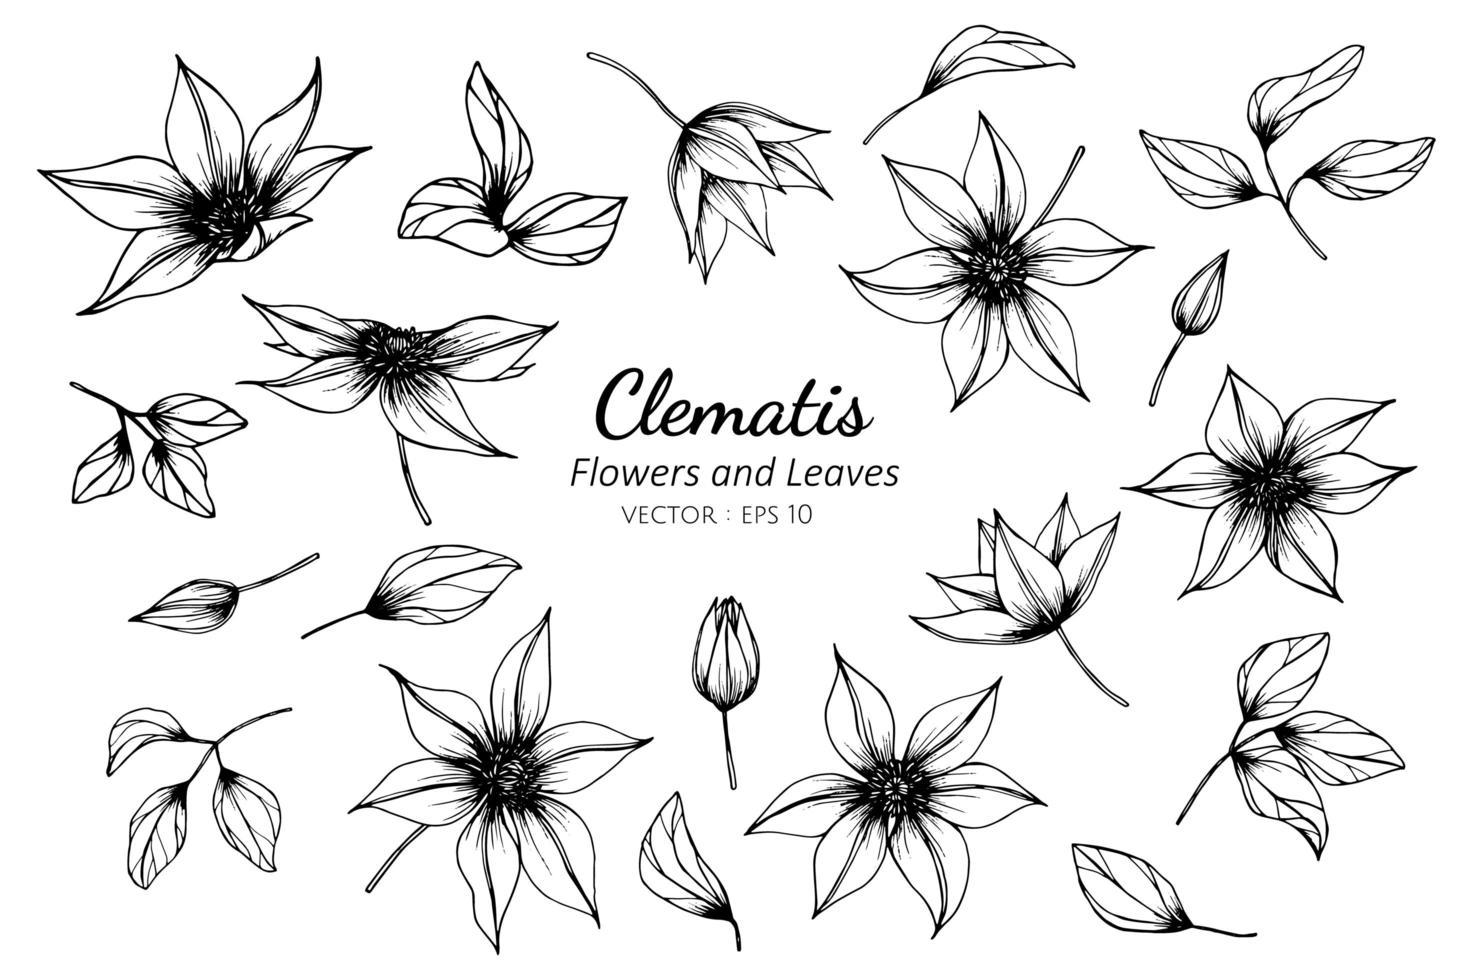 Sammlung Clematis Blume und Blätter vektor